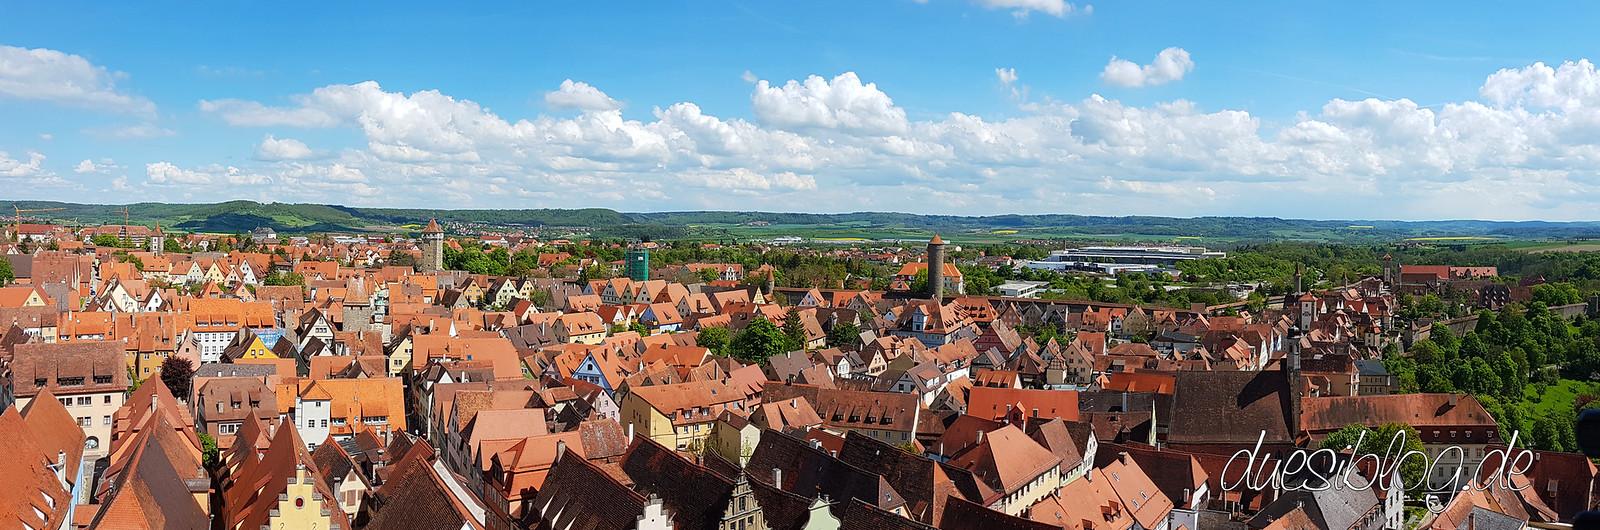 Rothenburg ob der Tauber von oben duesiblog 04